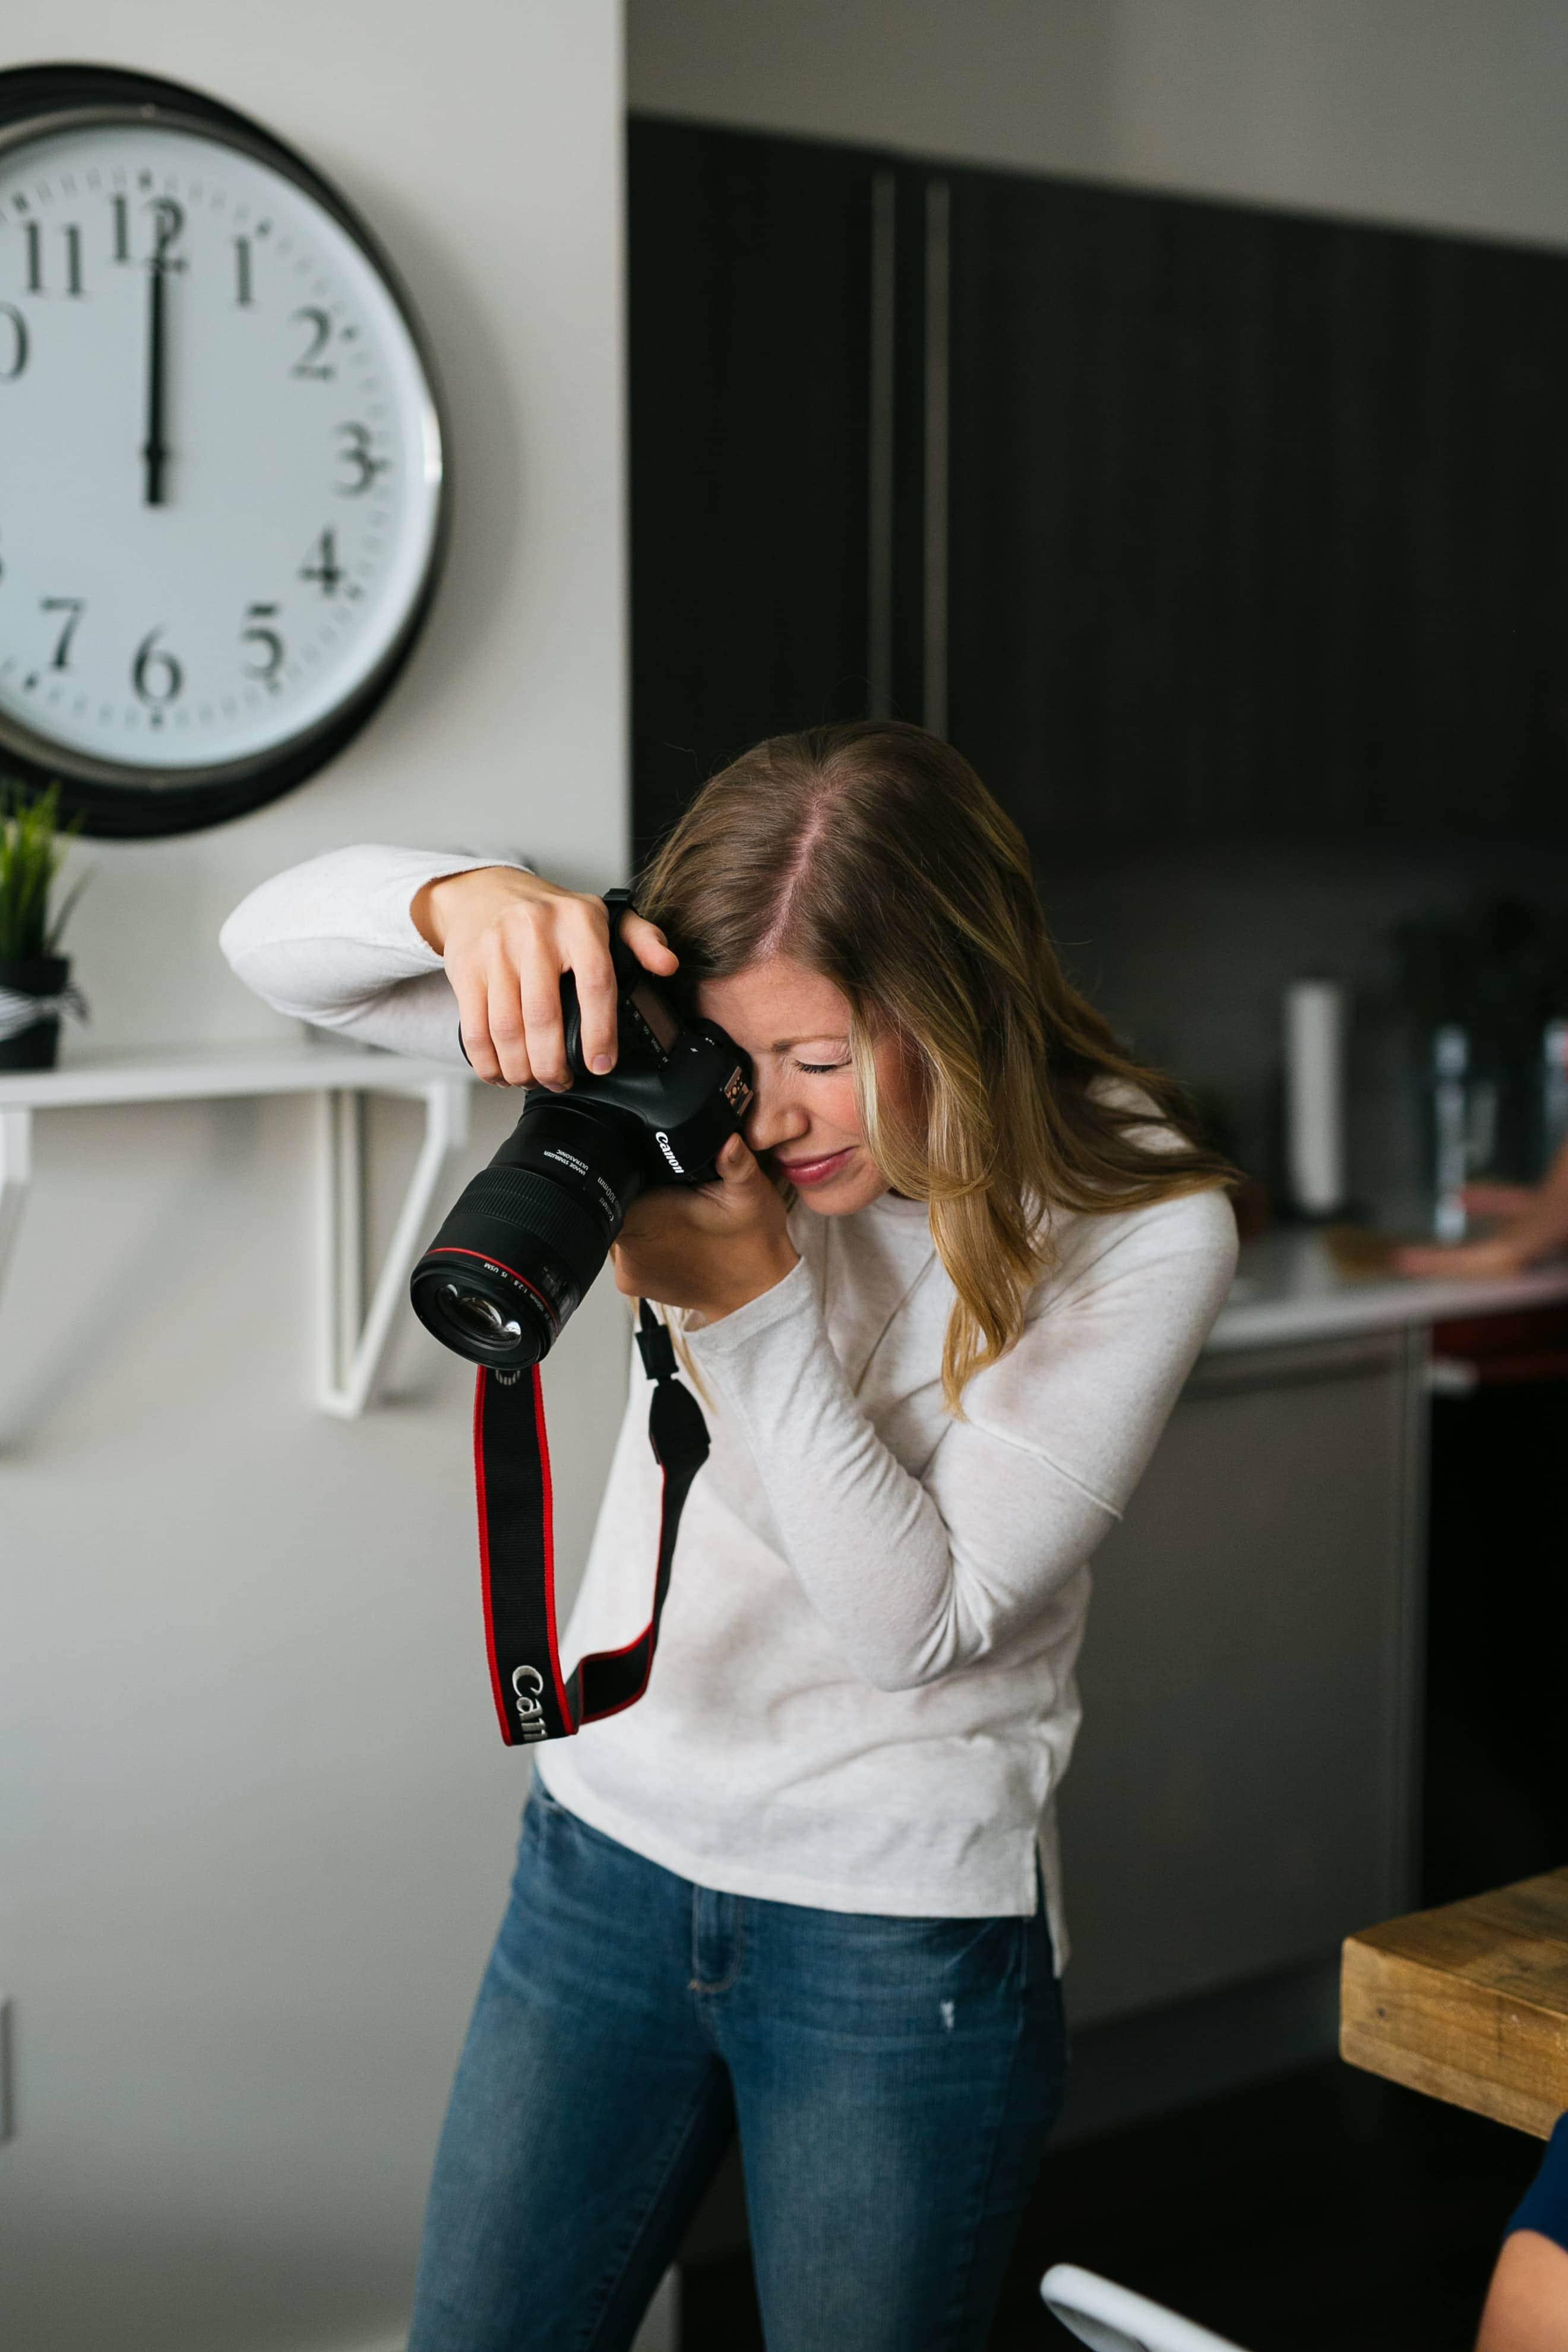 Lauren taking photos